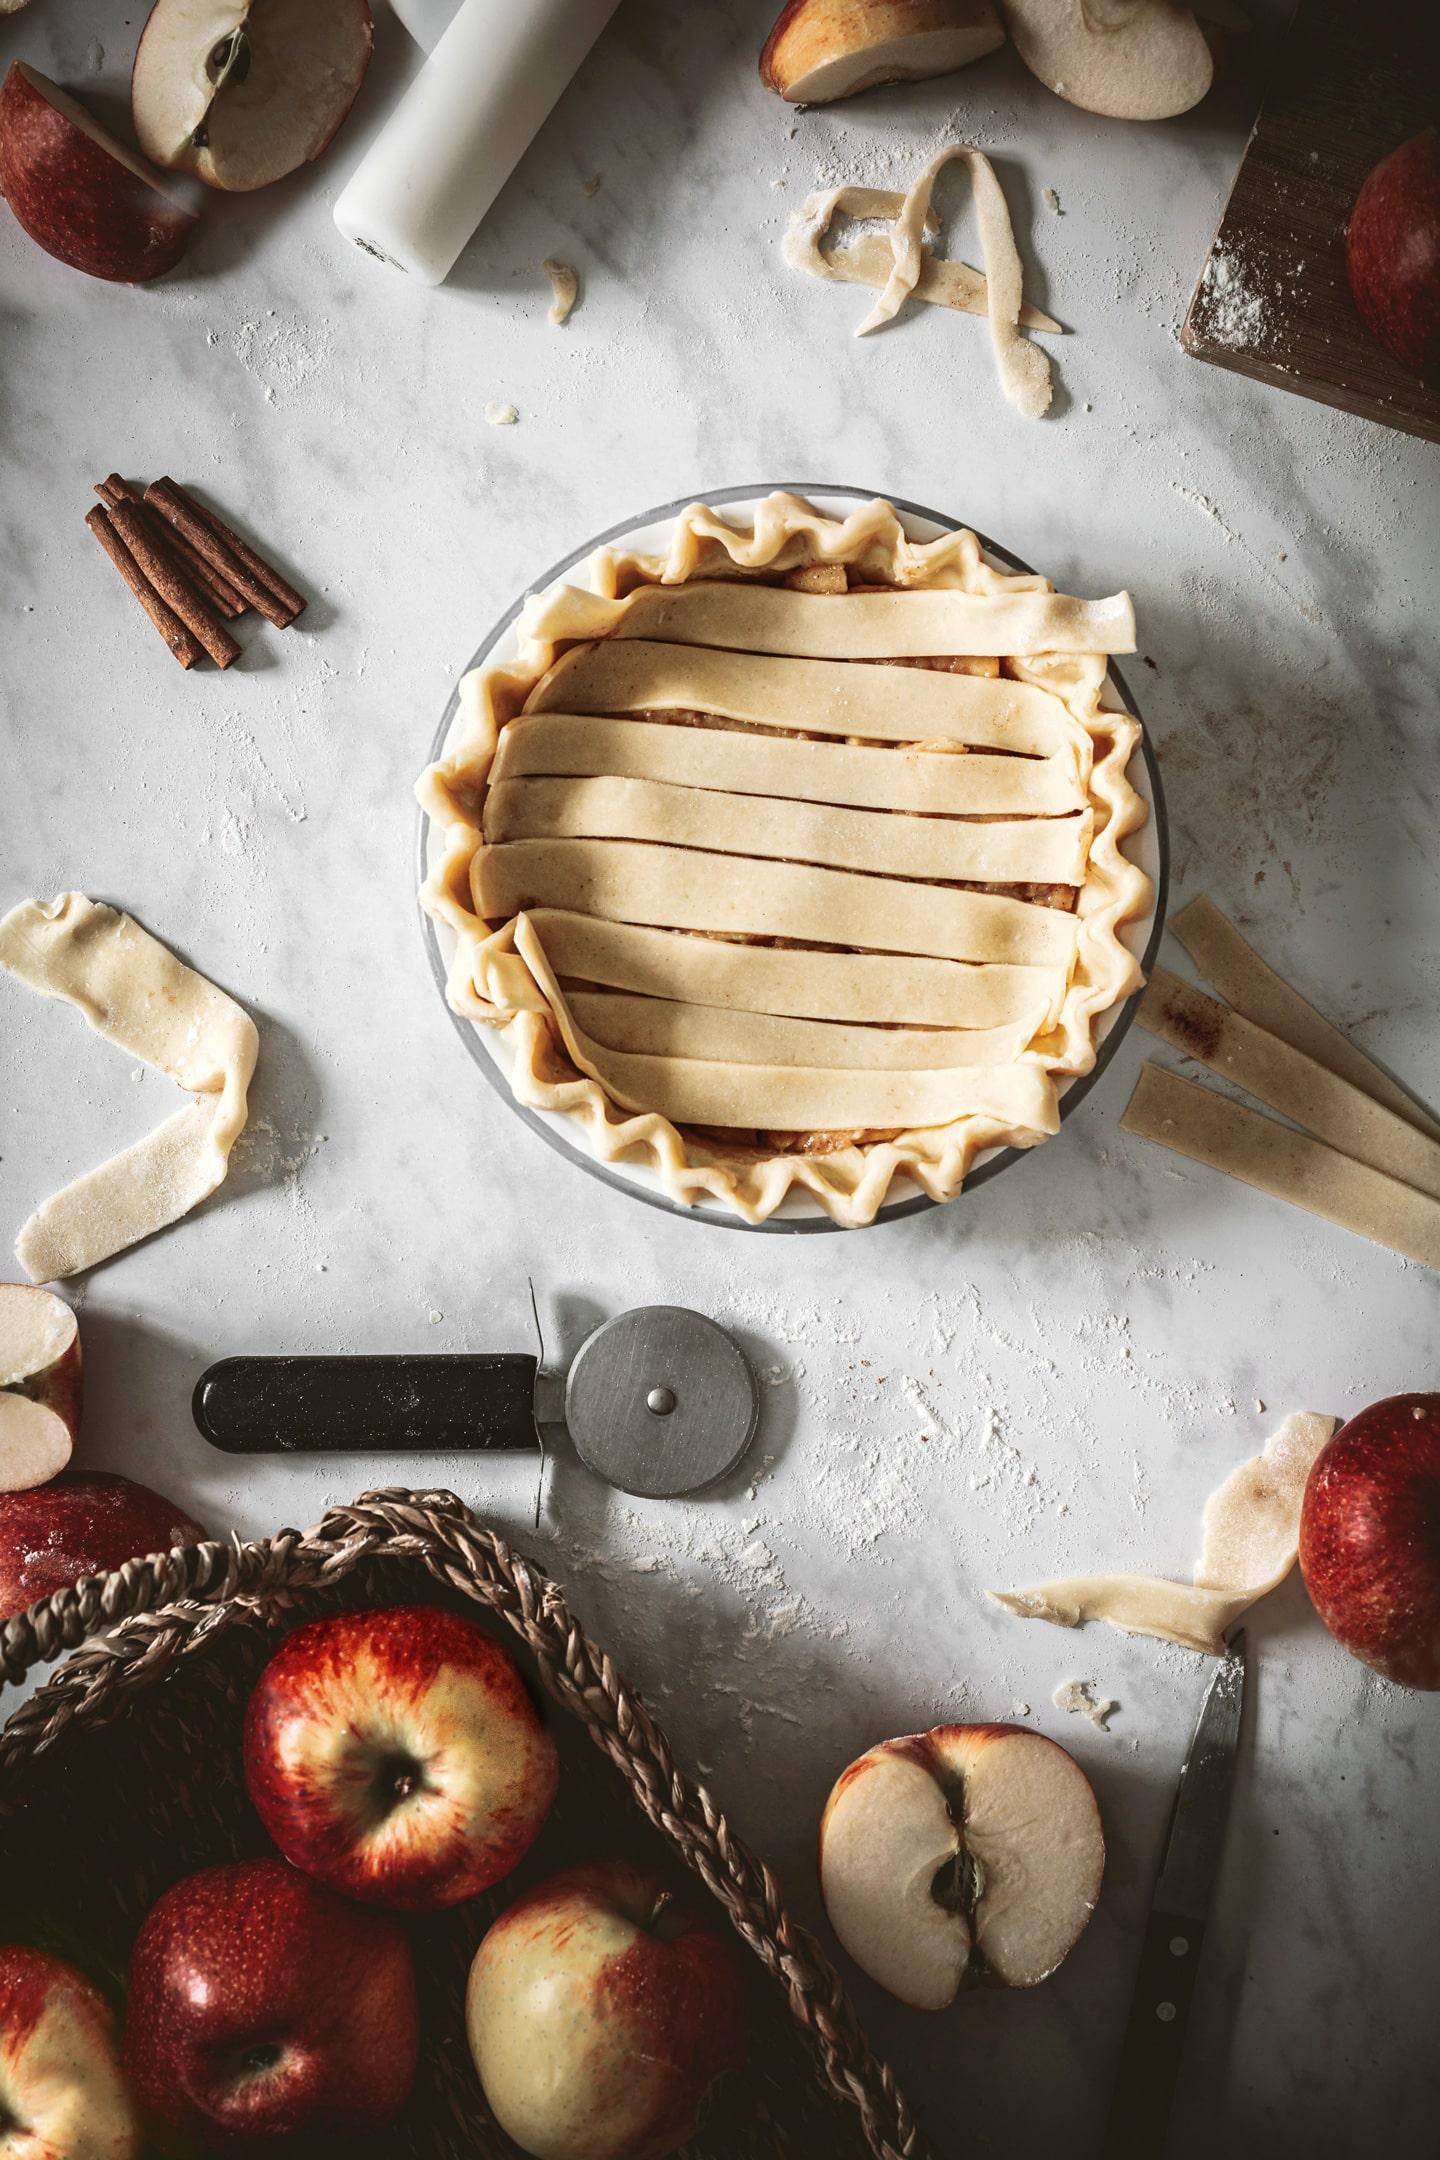 Décoration pour Apple pie